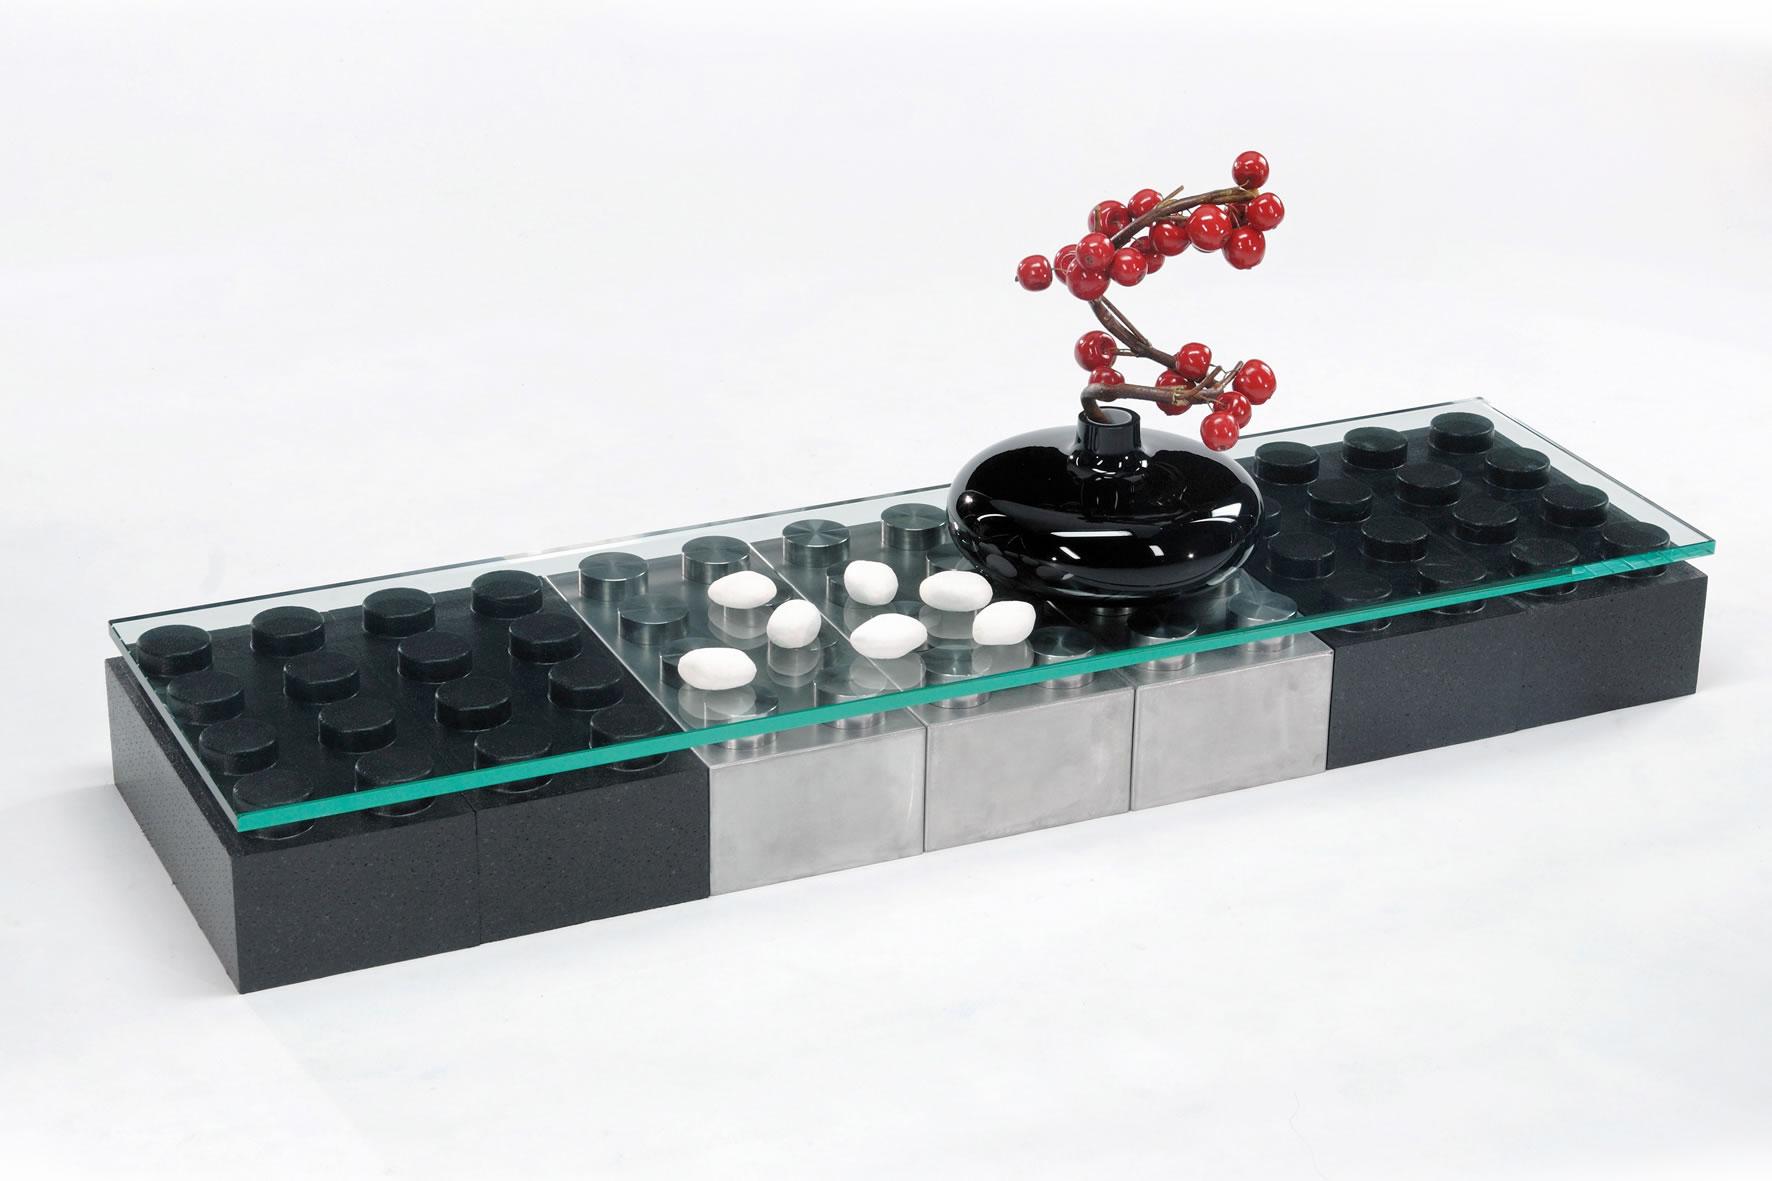 Table Basse Lego Geant vos meubles en lego « batiblog – le blog du bâtiment et de l